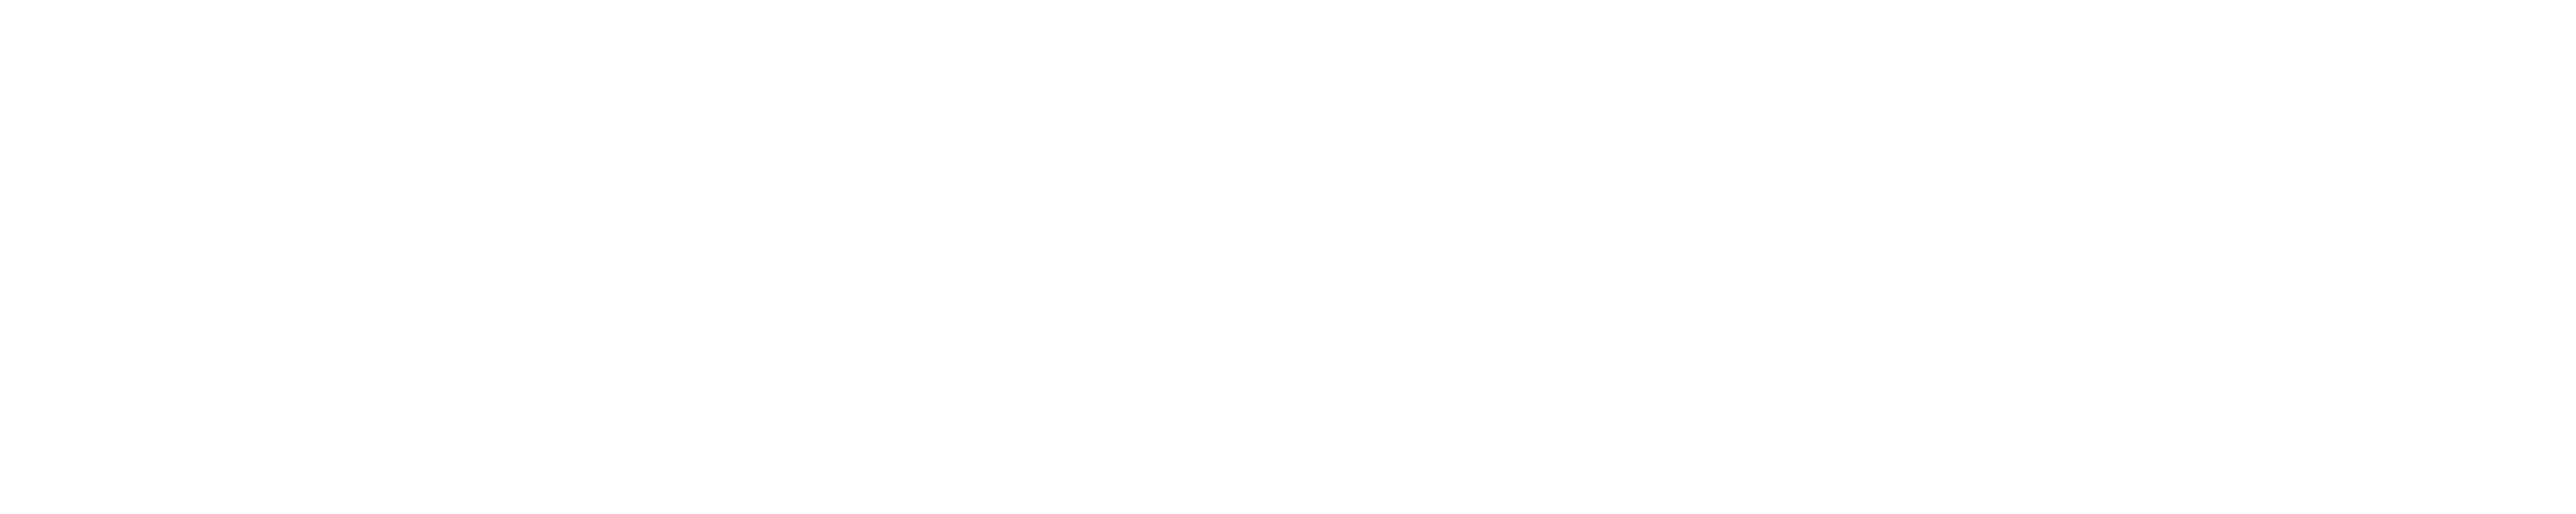 Canacintra Estado de México